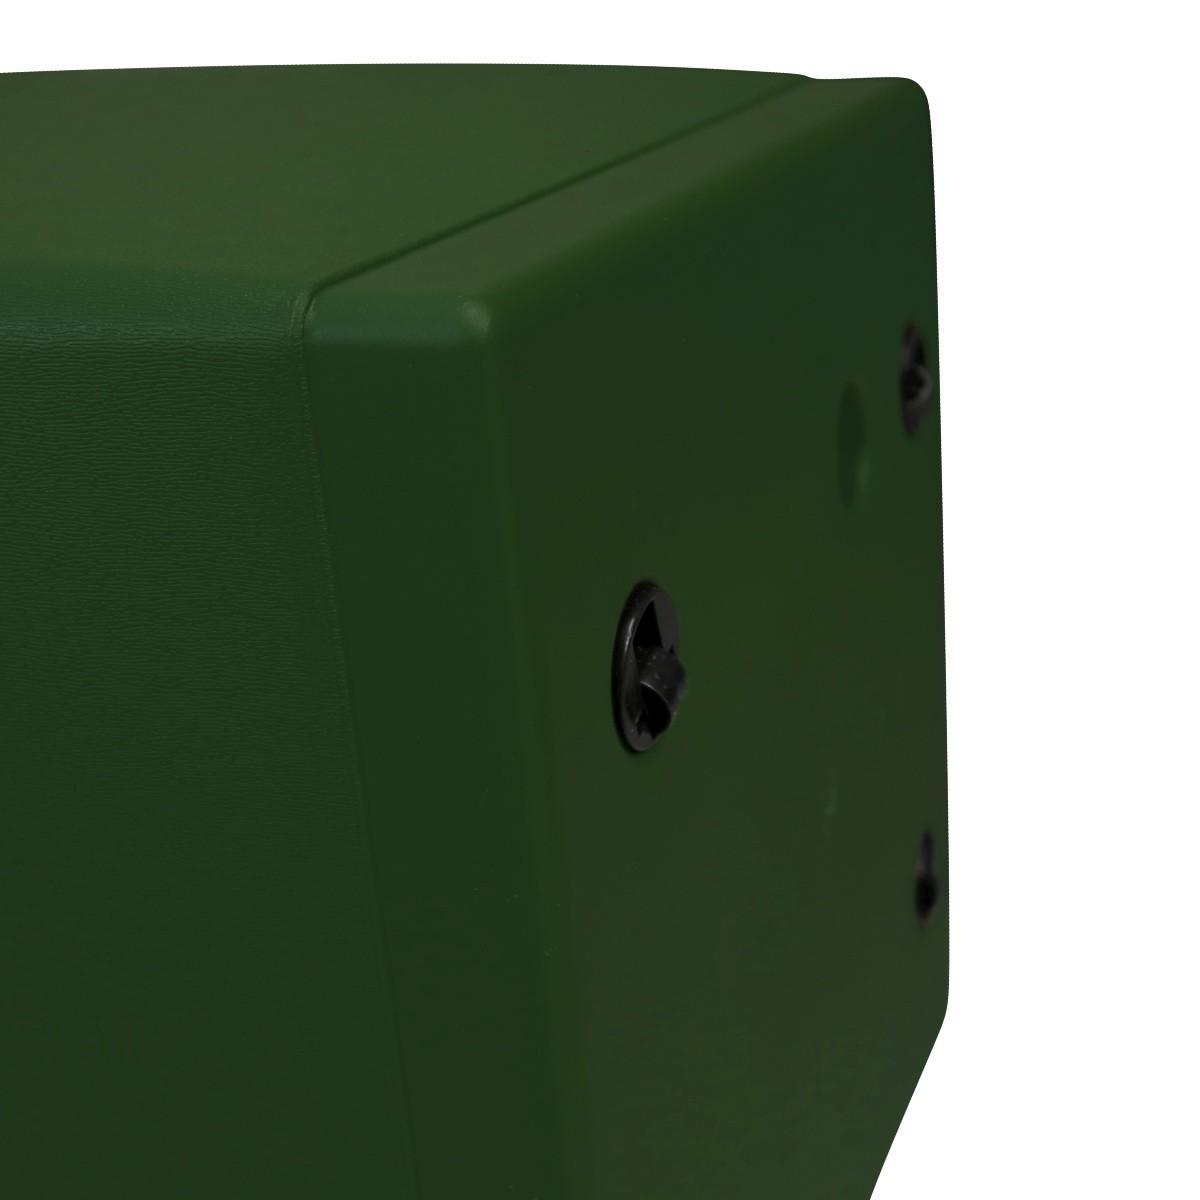 Vaso Autoirrigável Acqua Planta Quadrado Verde 49cm x 49cm